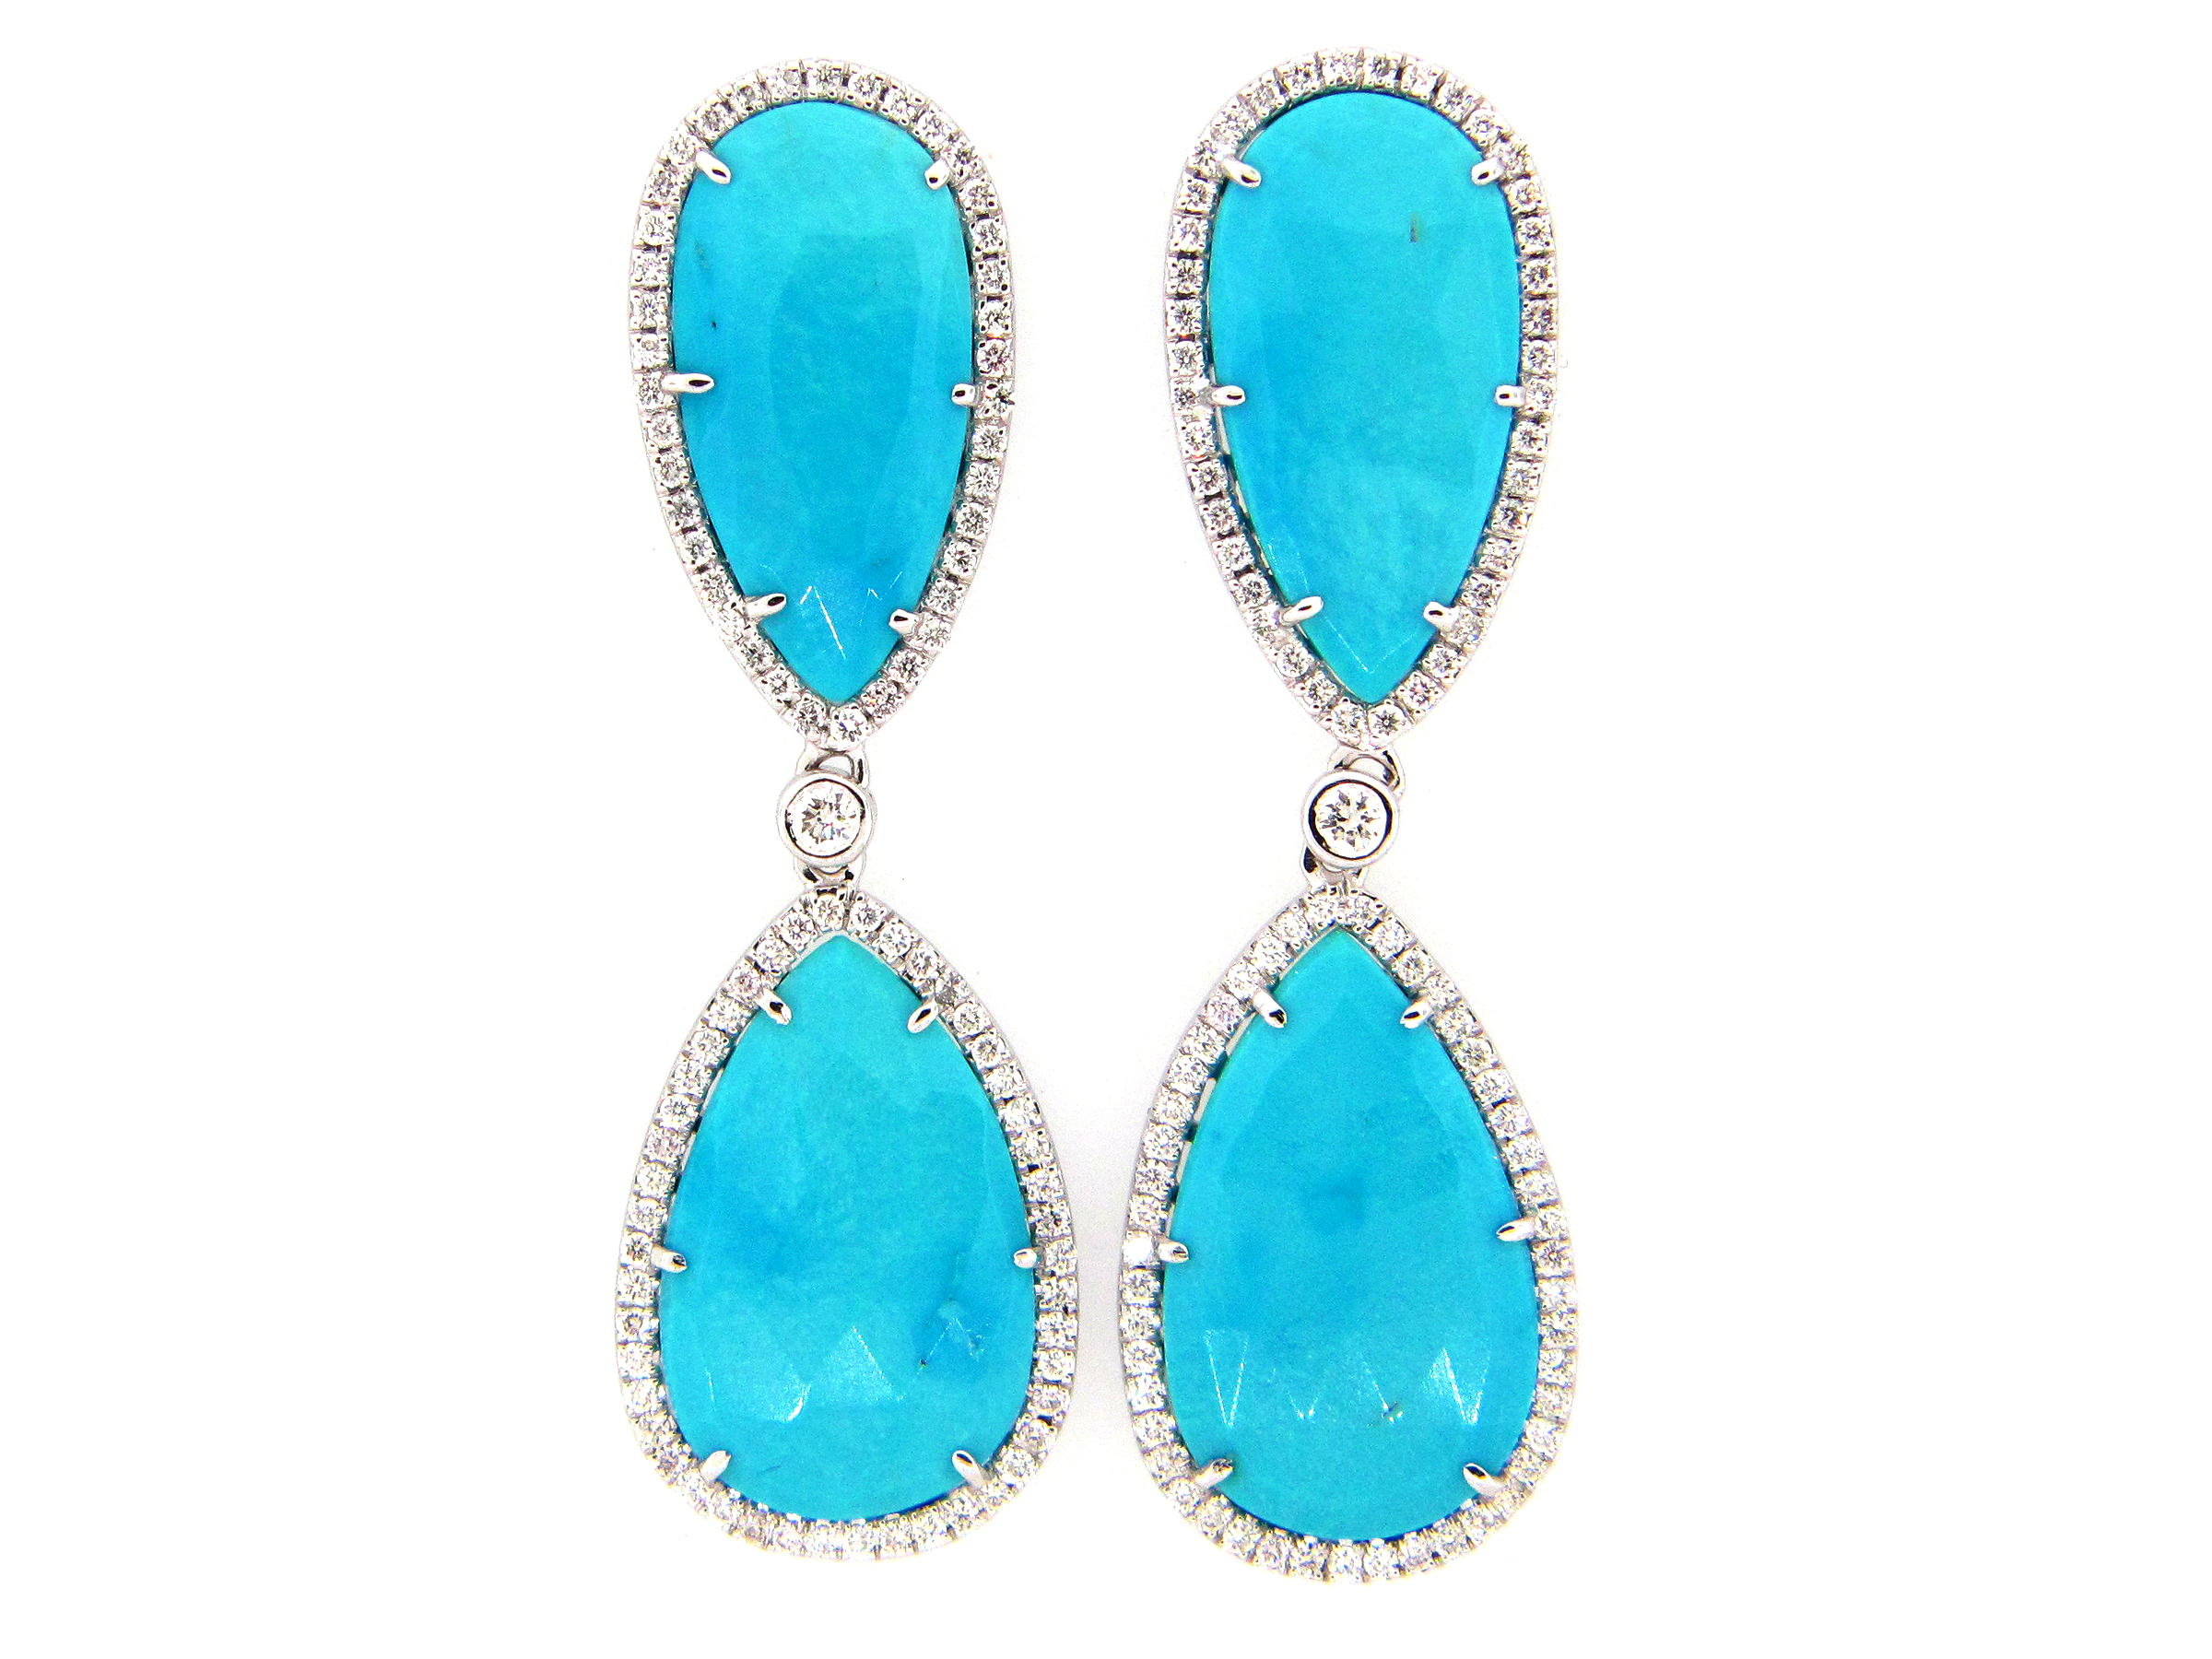 Turquoise & Diamond Earring